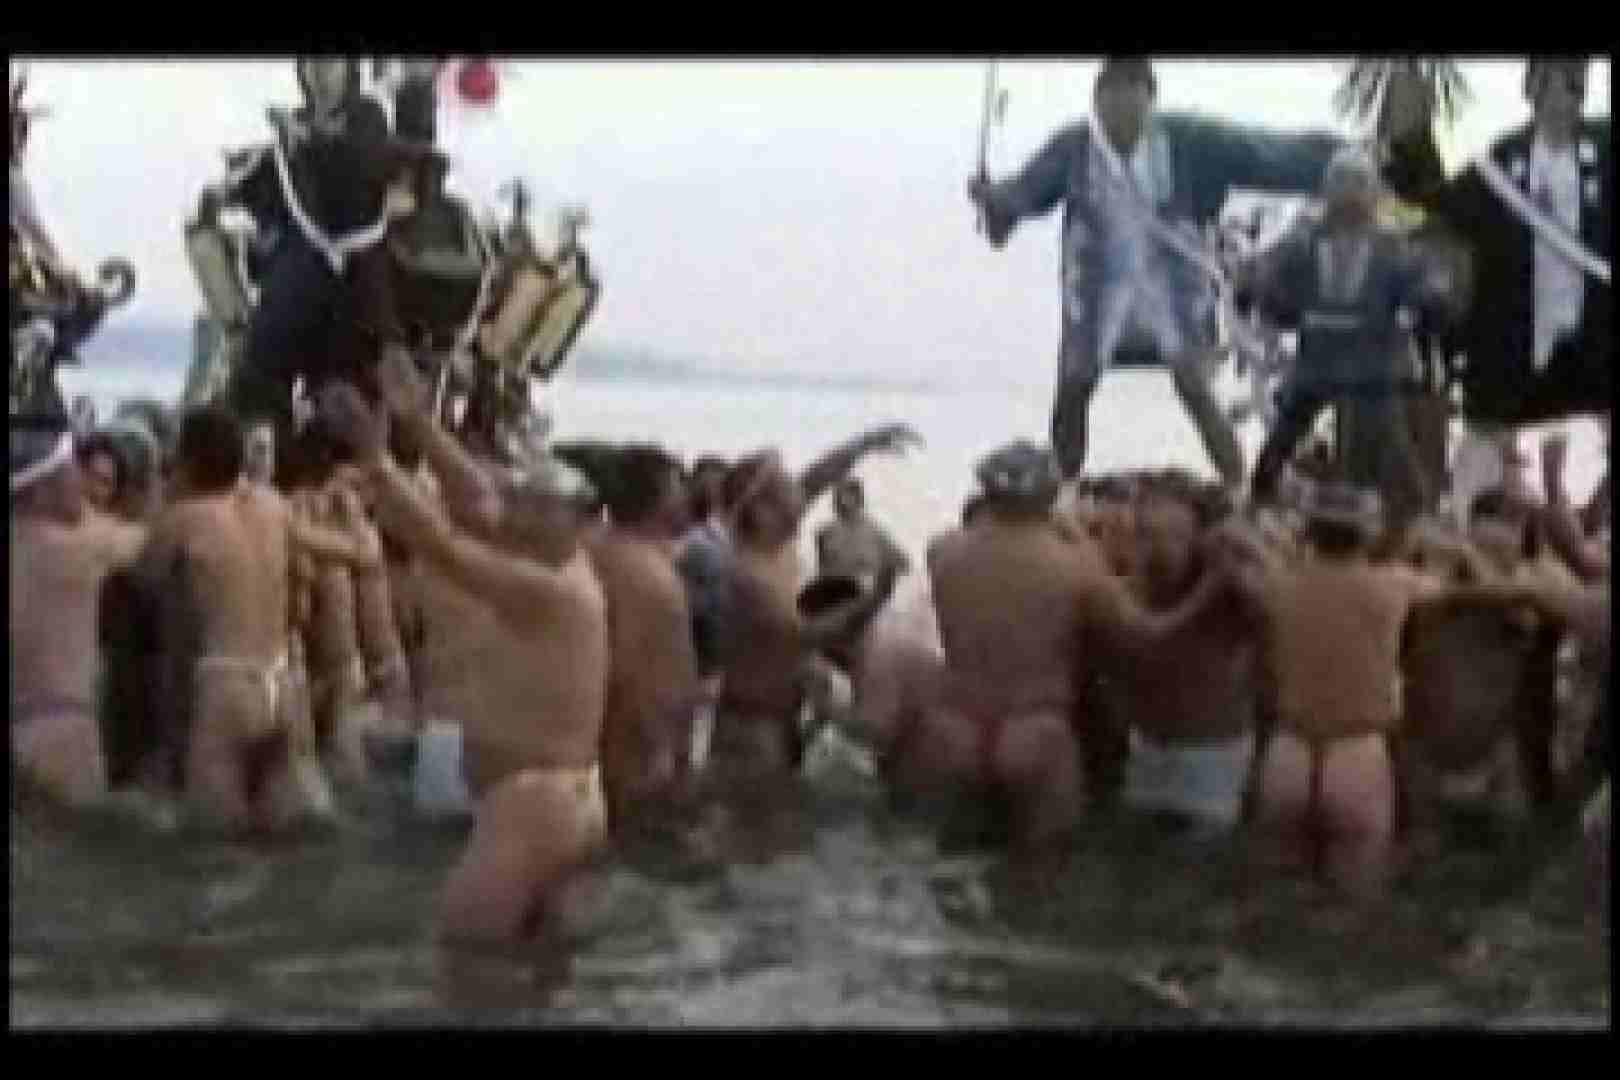 陰間茶屋 男児祭り VOL.2 メンズのチンコ   男の世界  82画像 37